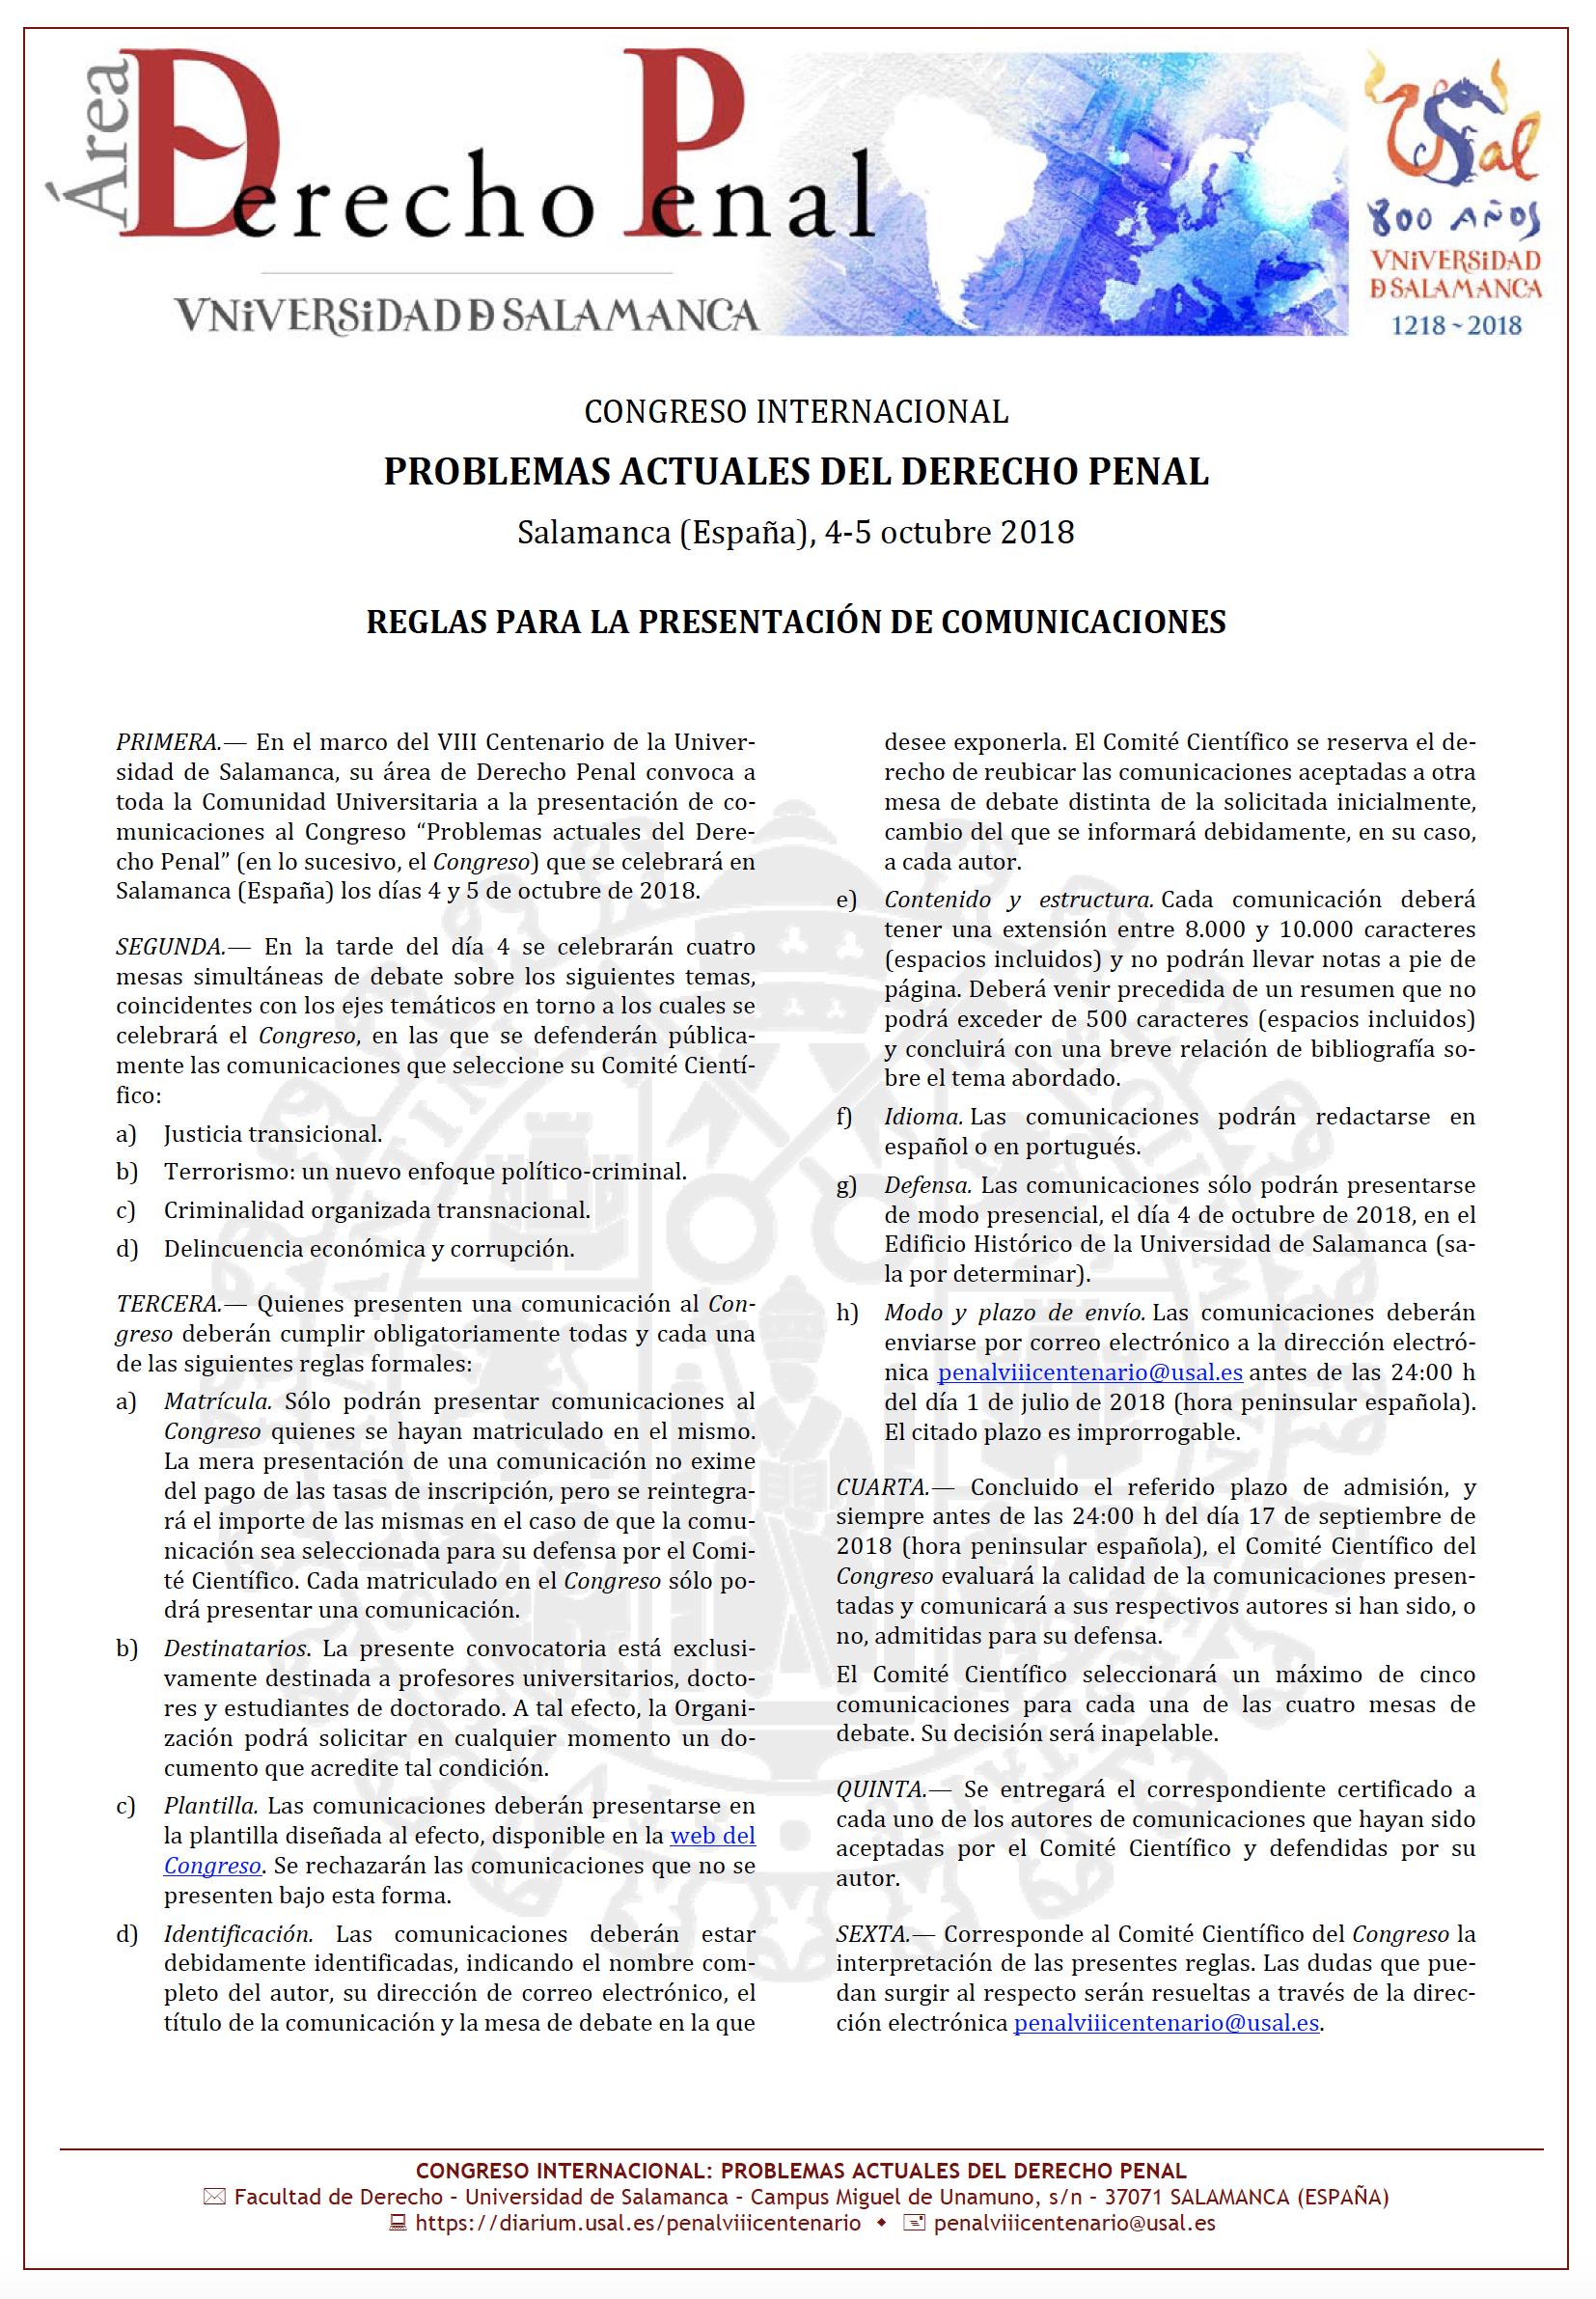 reglas_Comunicaciones